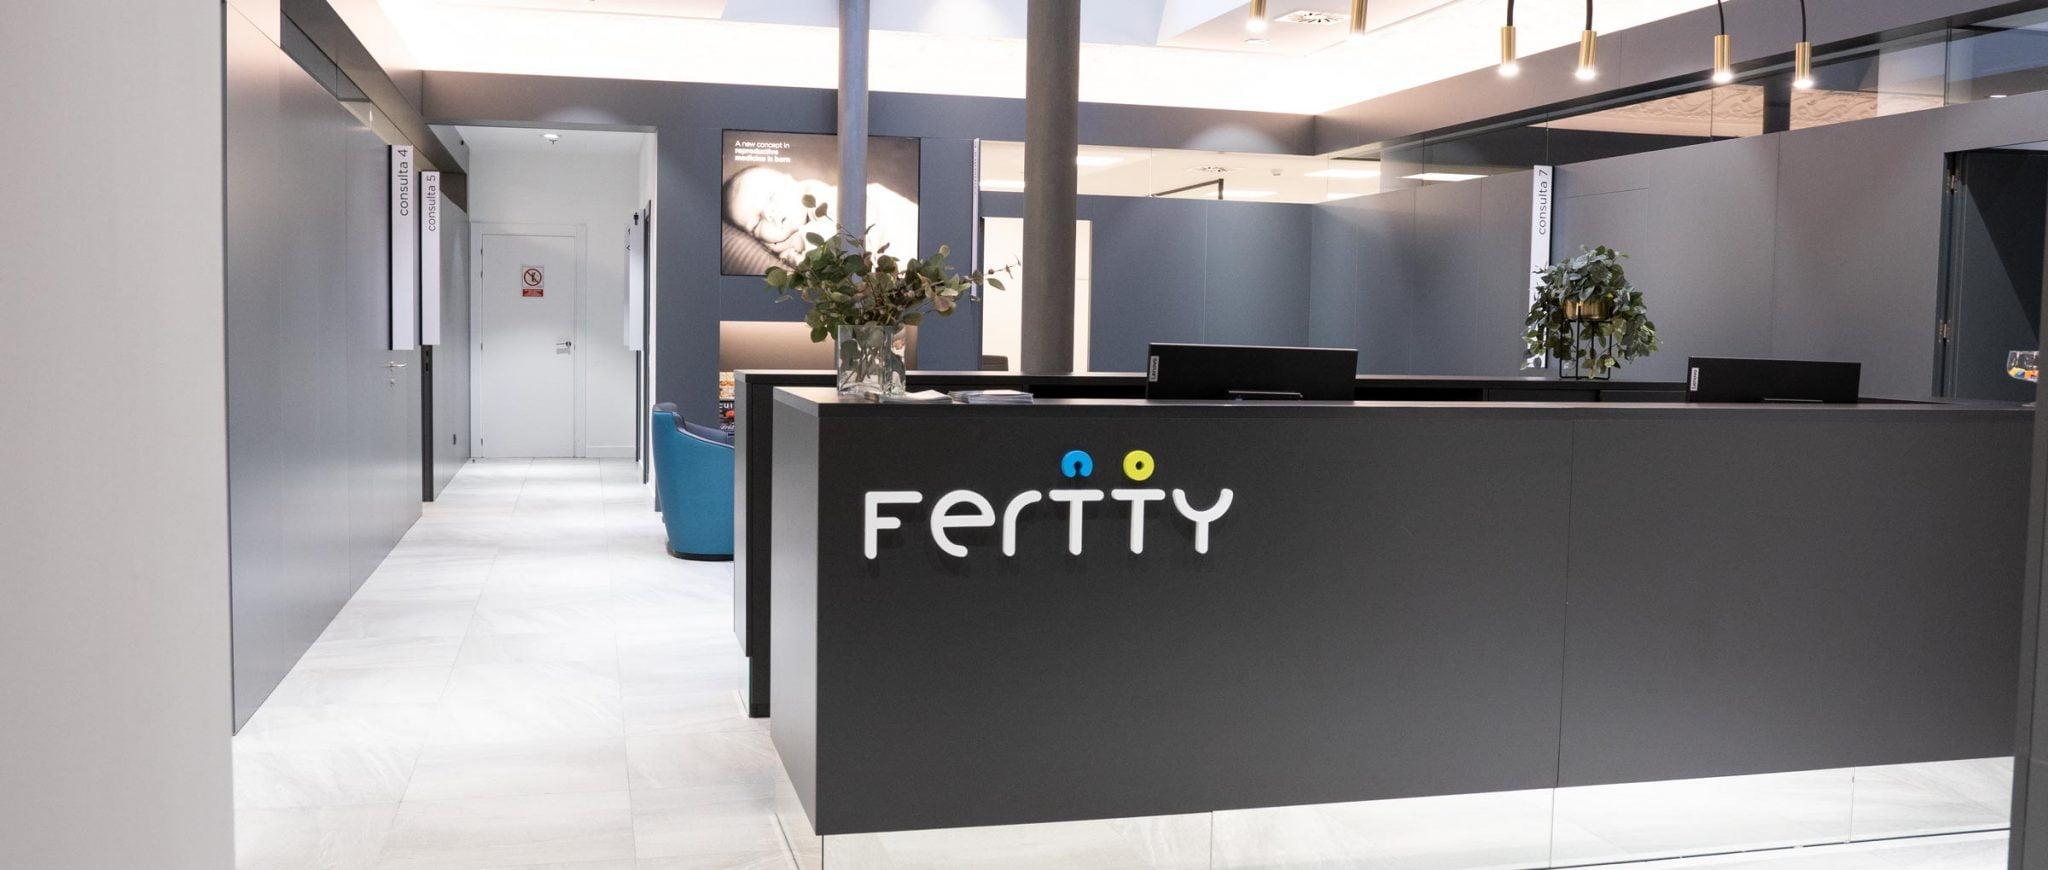 Segunda recepción de Fertty